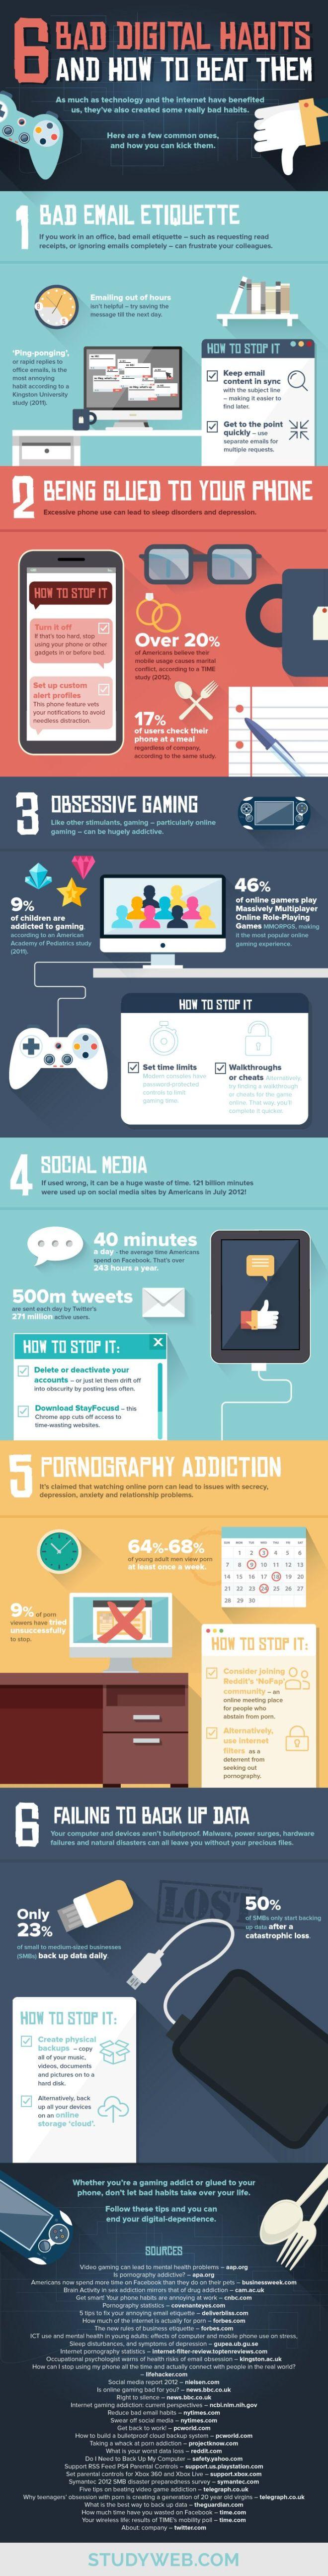 6 malos hábitos digitales y cómo combatirlos